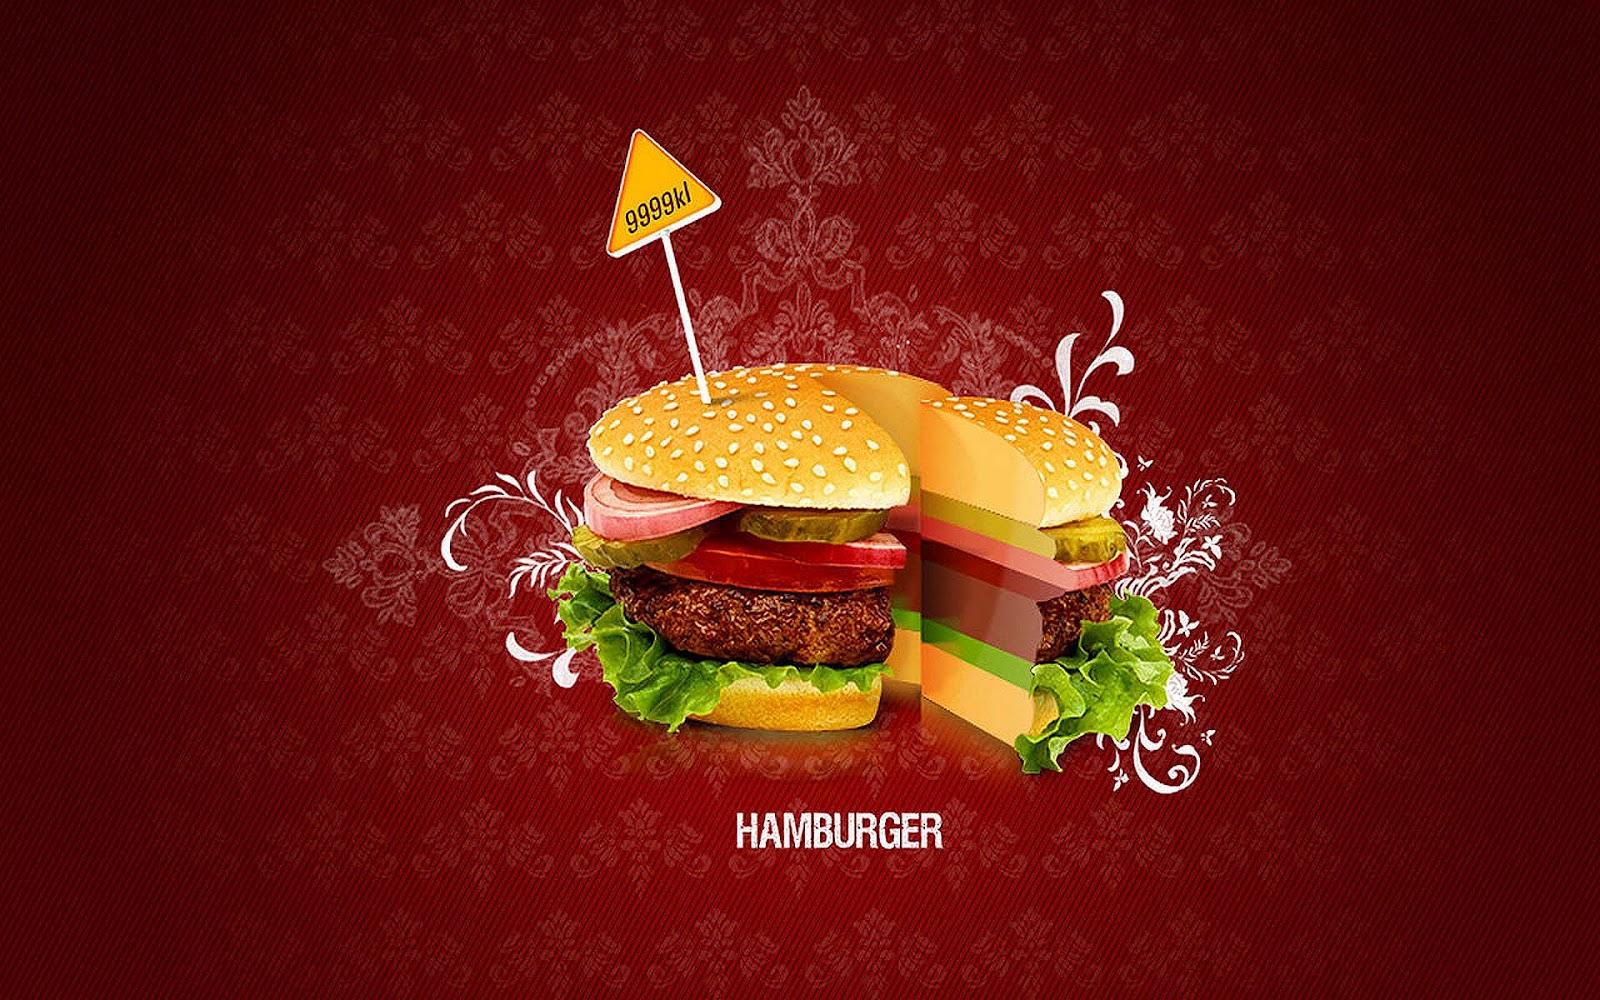 http://2.bp.blogspot.com/-uB6O2zuXkFw/UEht6TAf6DI/AAAAAAAAGYk/ww_obKKG3c0/s1600/hd-rode-achtergrond-met-een-broodje-hamburger-hd-eten-wallpaper.jpg